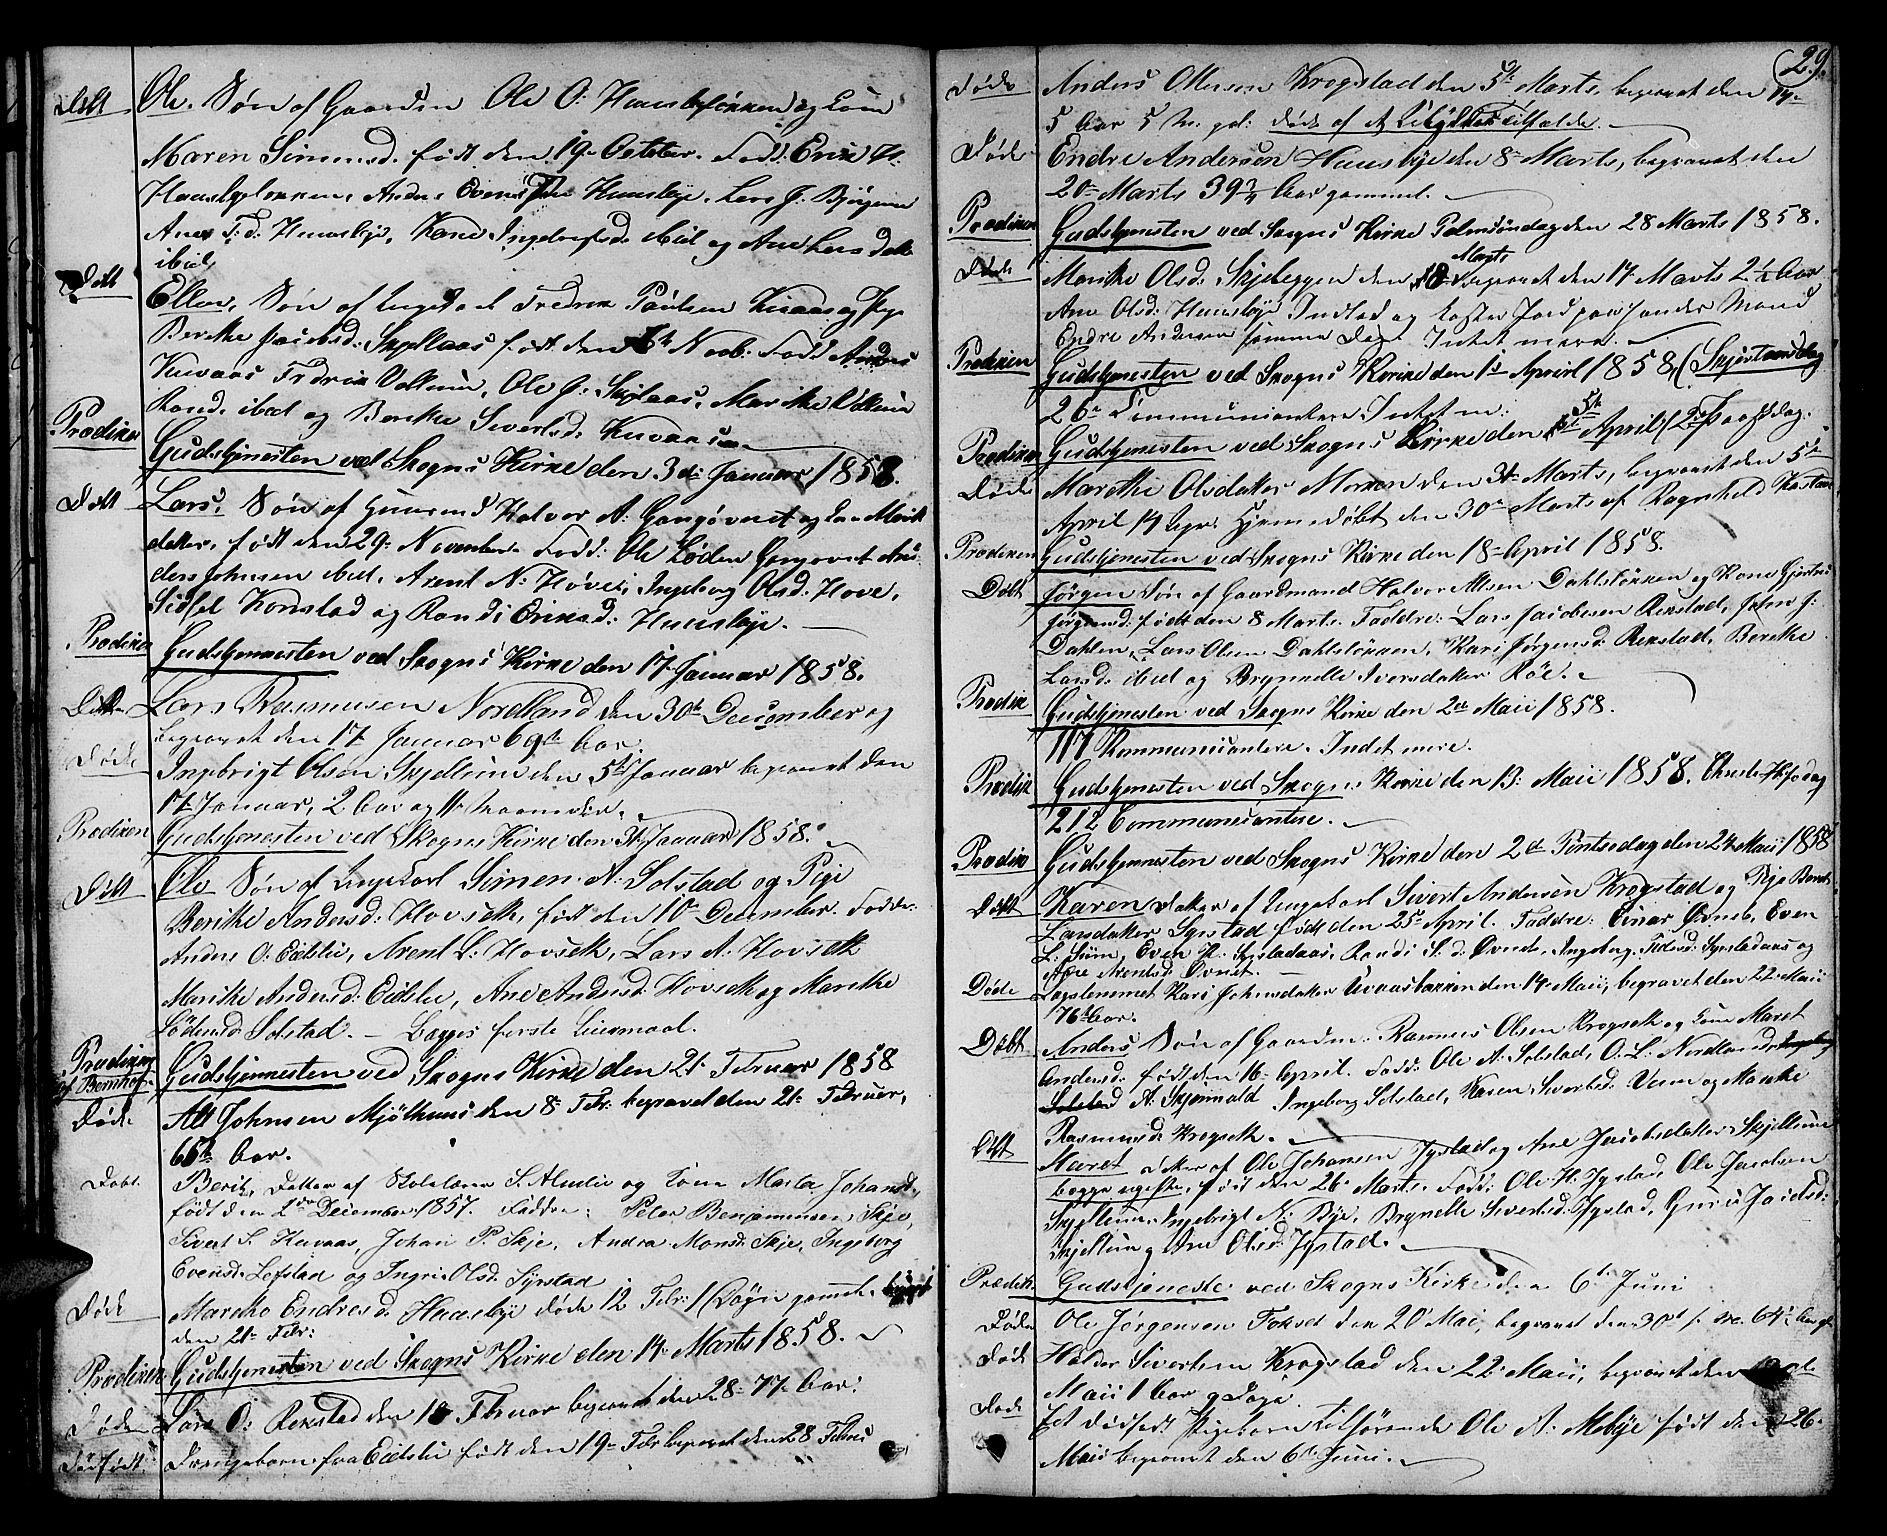 SAT, Ministerialprotokoller, klokkerbøker og fødselsregistre - Sør-Trøndelag, 667/L0797: Klokkerbok nr. 667C02, 1849-1867, s. 29